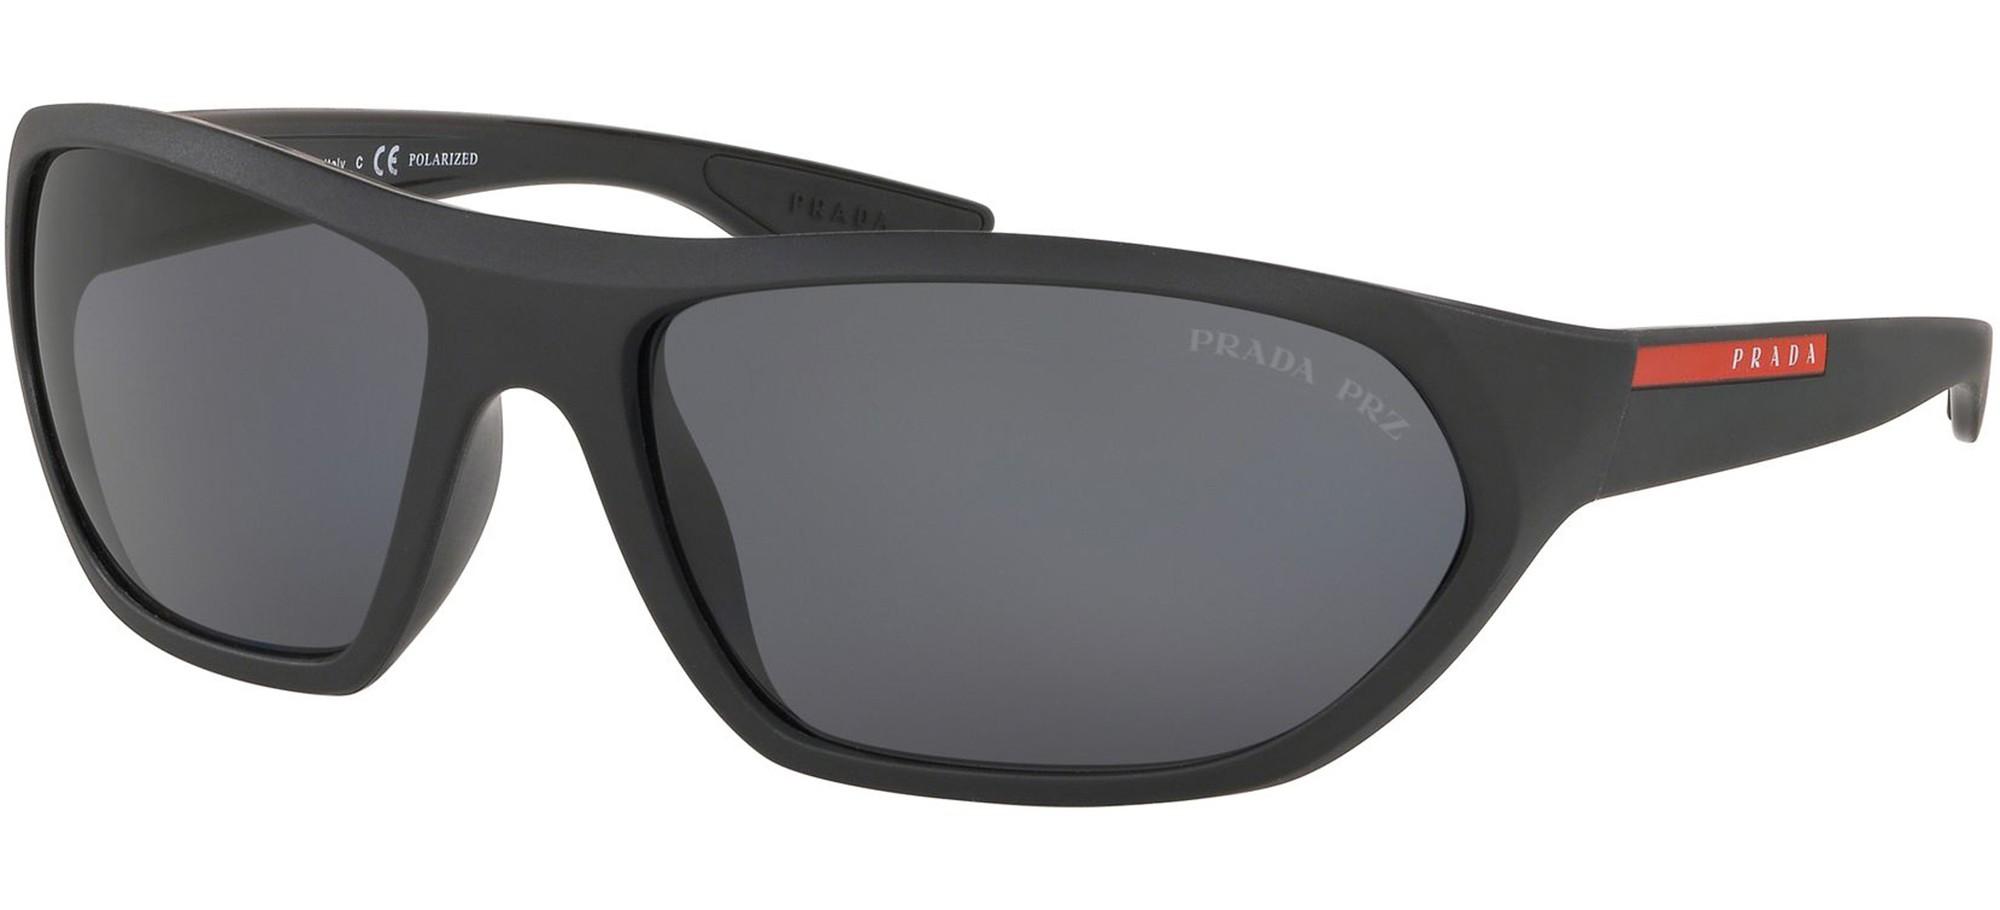 Prada Linea Rossa solbriller PRADA LINEA ROSSA SPS 18U